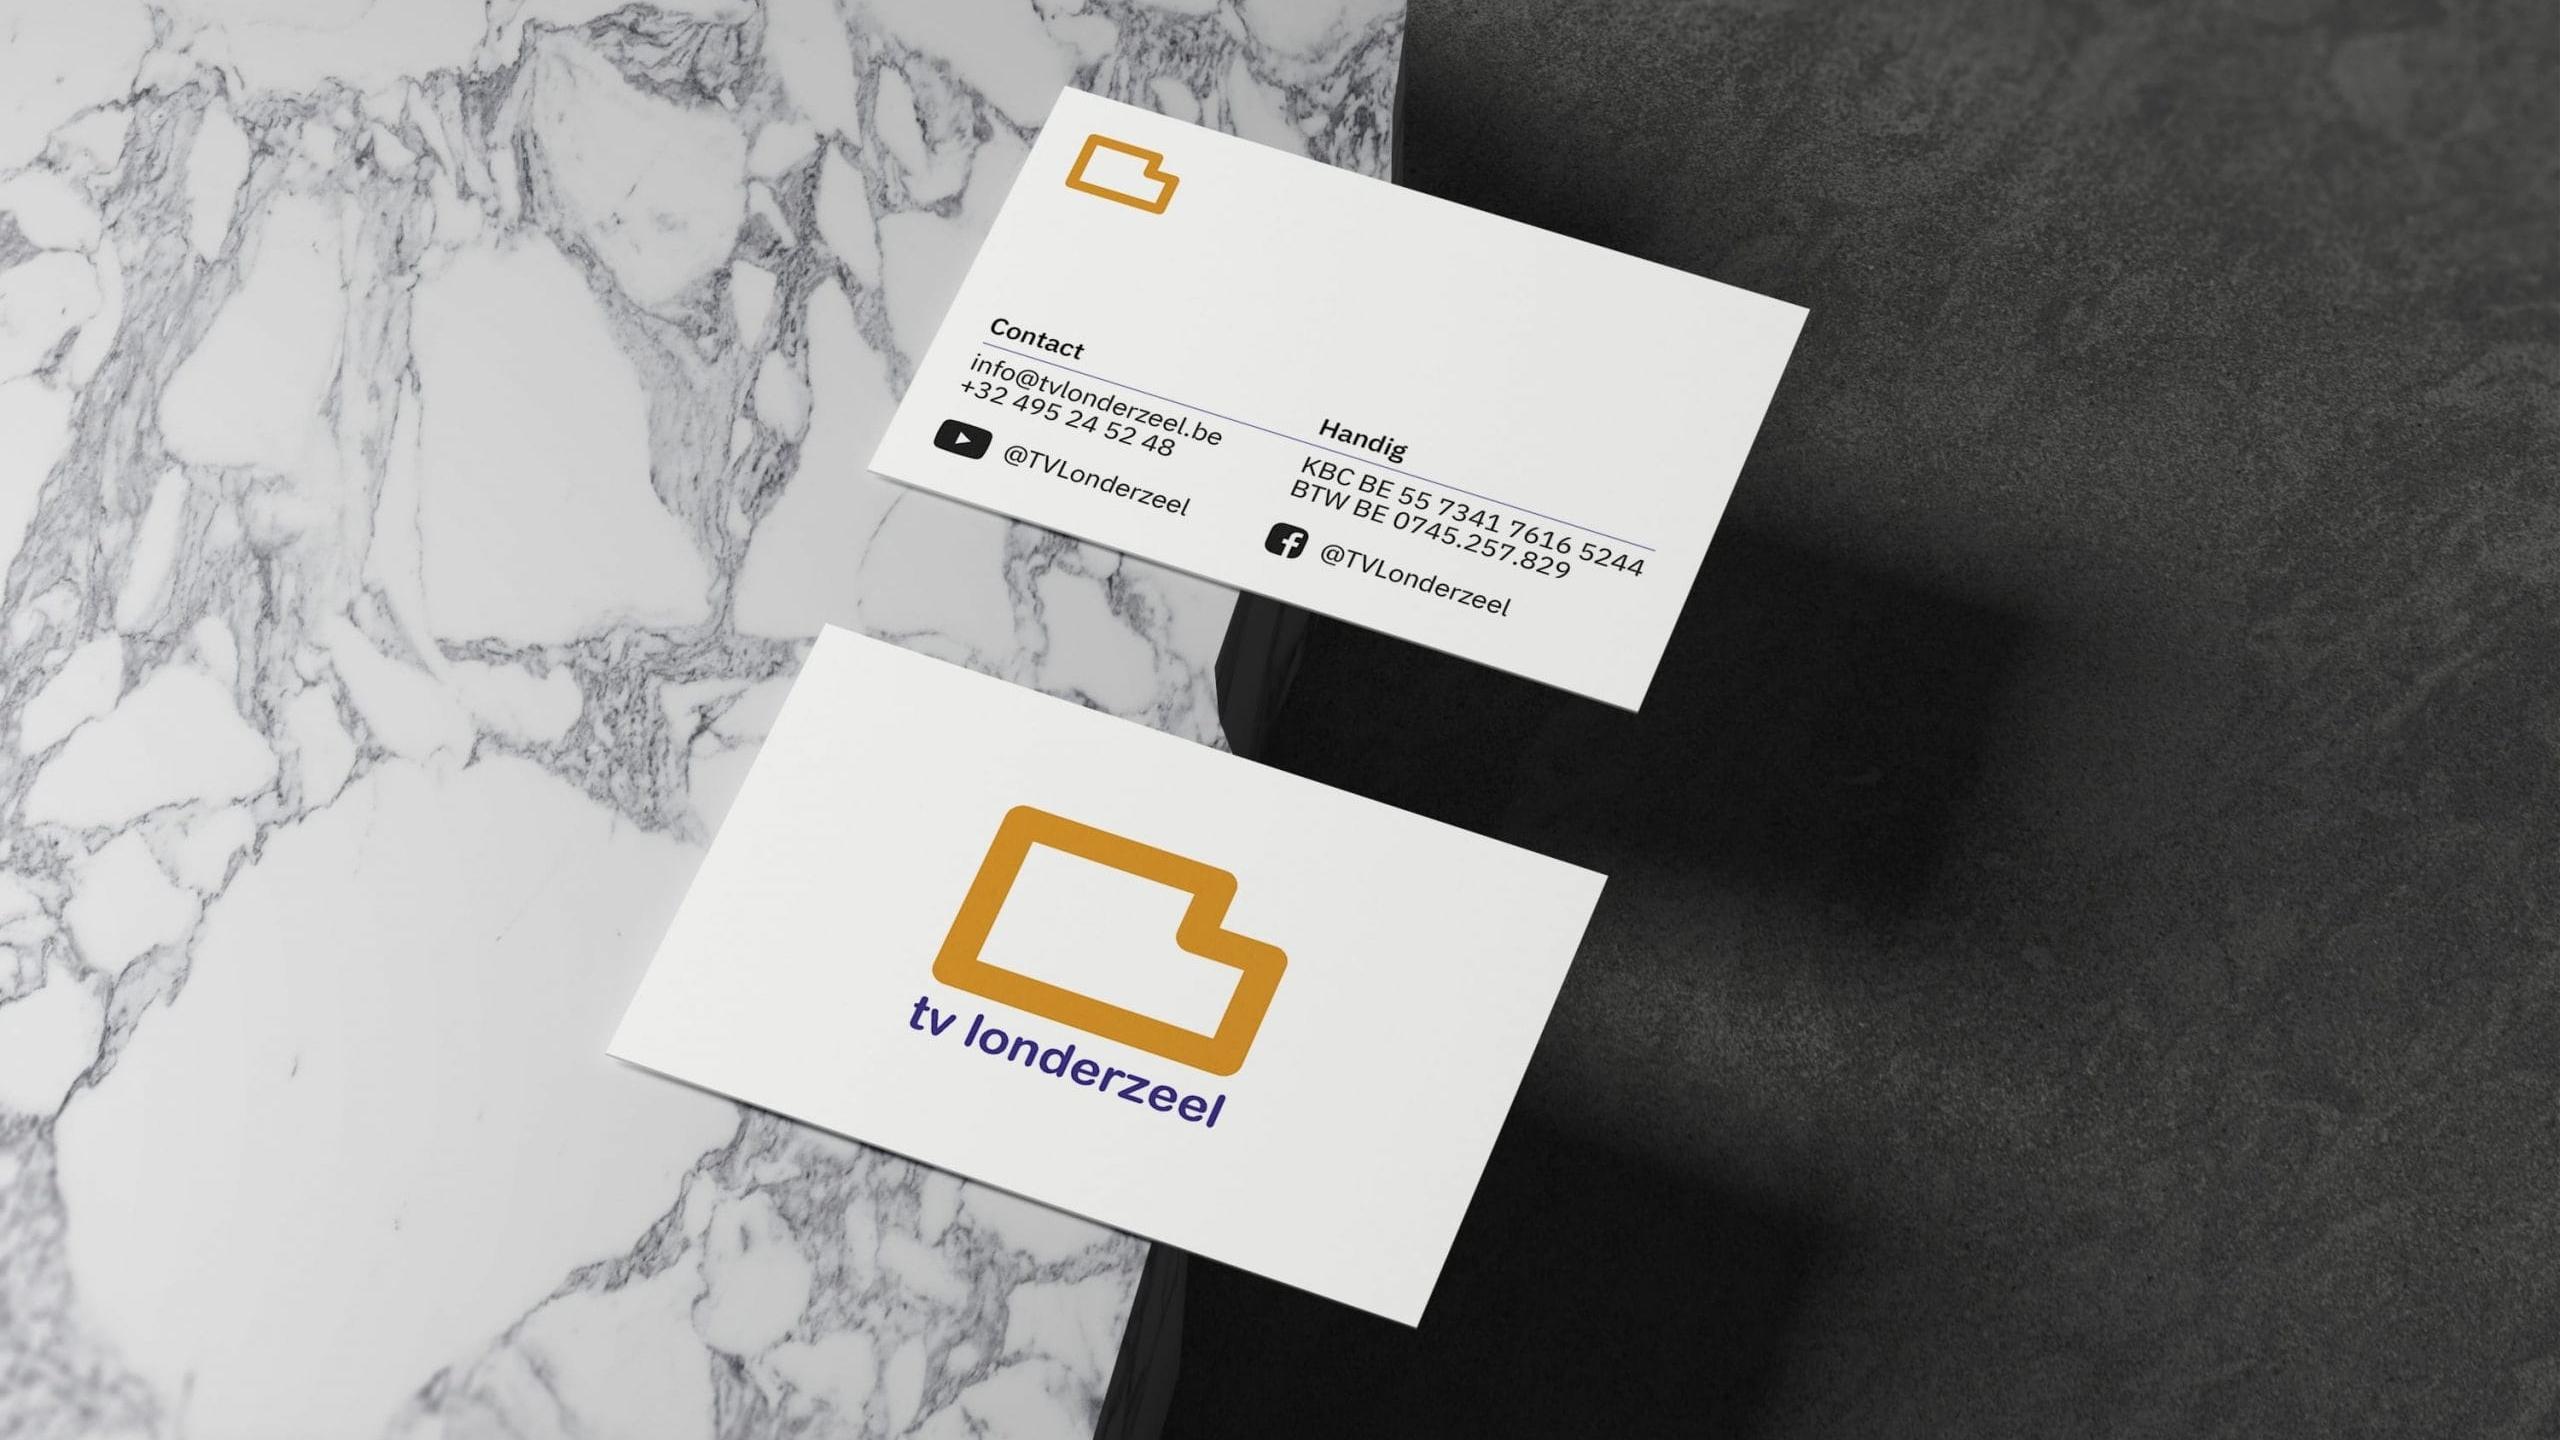 Larkom Webdesign in Londerzeel TV Londerzeel Visitekaartjes Business Cards